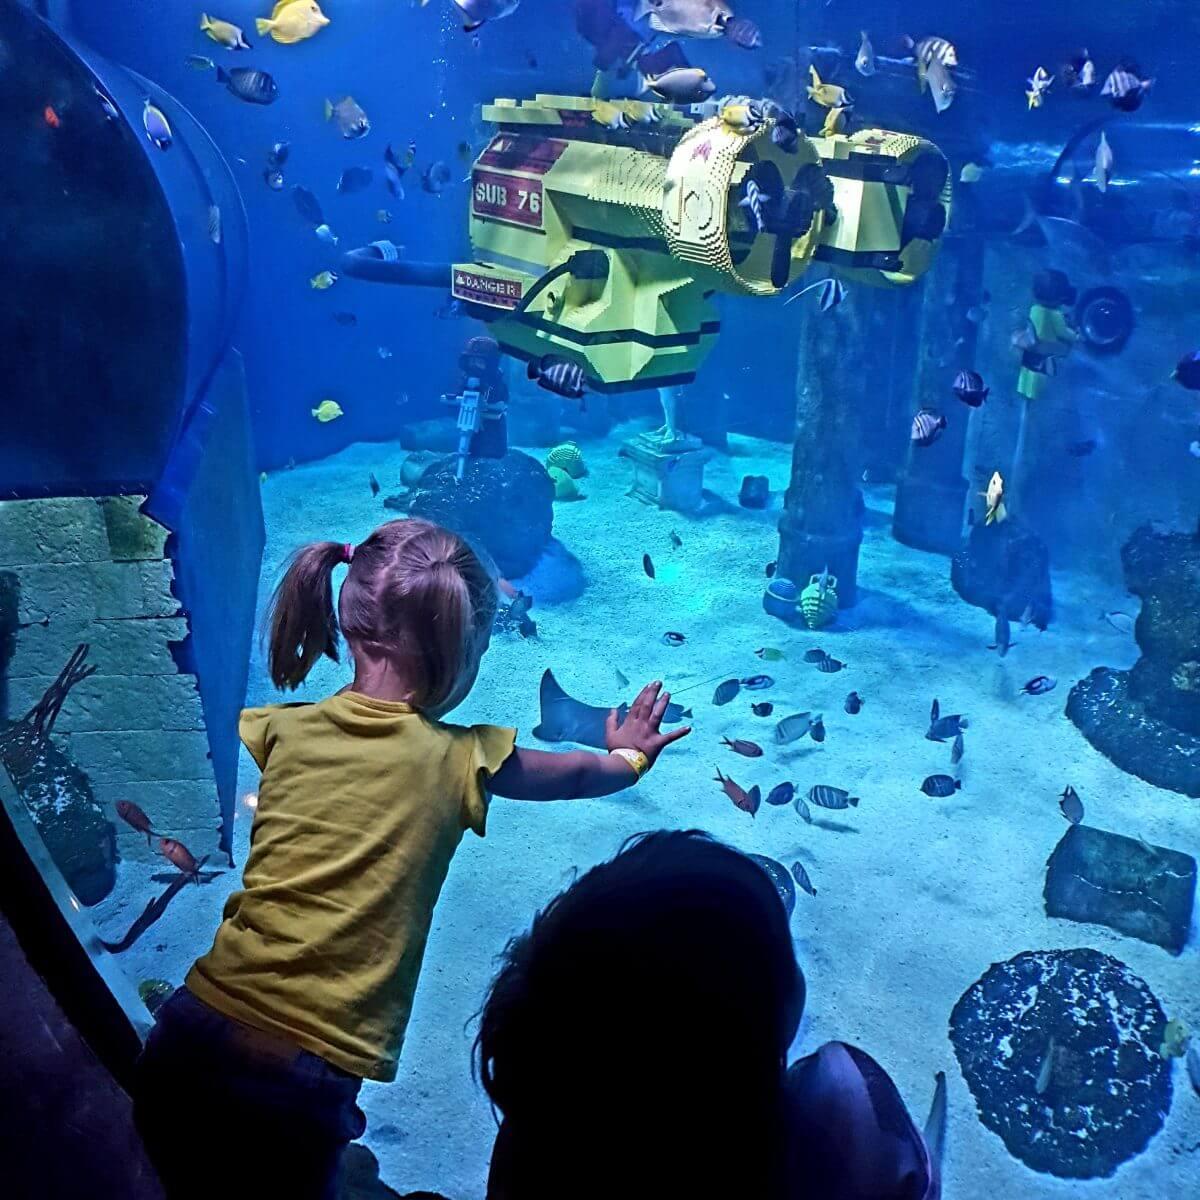 Legoland met kinderen: alles wat je wil weten, Imagination Zone Atlantis by SEA LIFE #leukmetkids #legoland #Denemarken #kinderen